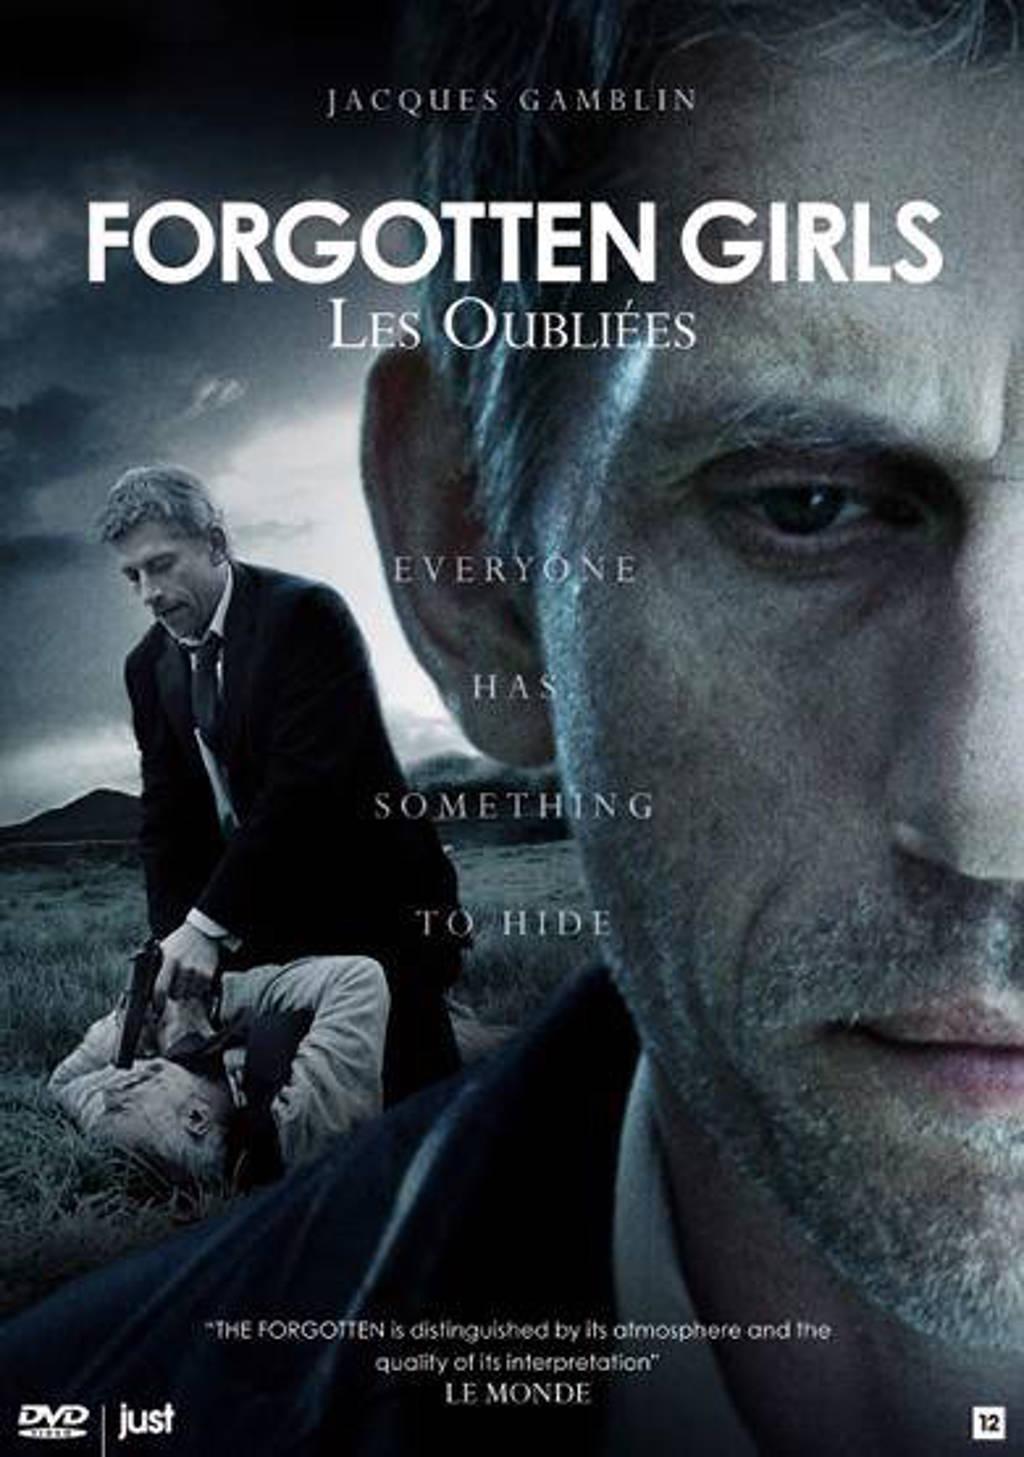 Forgotten girls - Seizoen 1 (DVD)